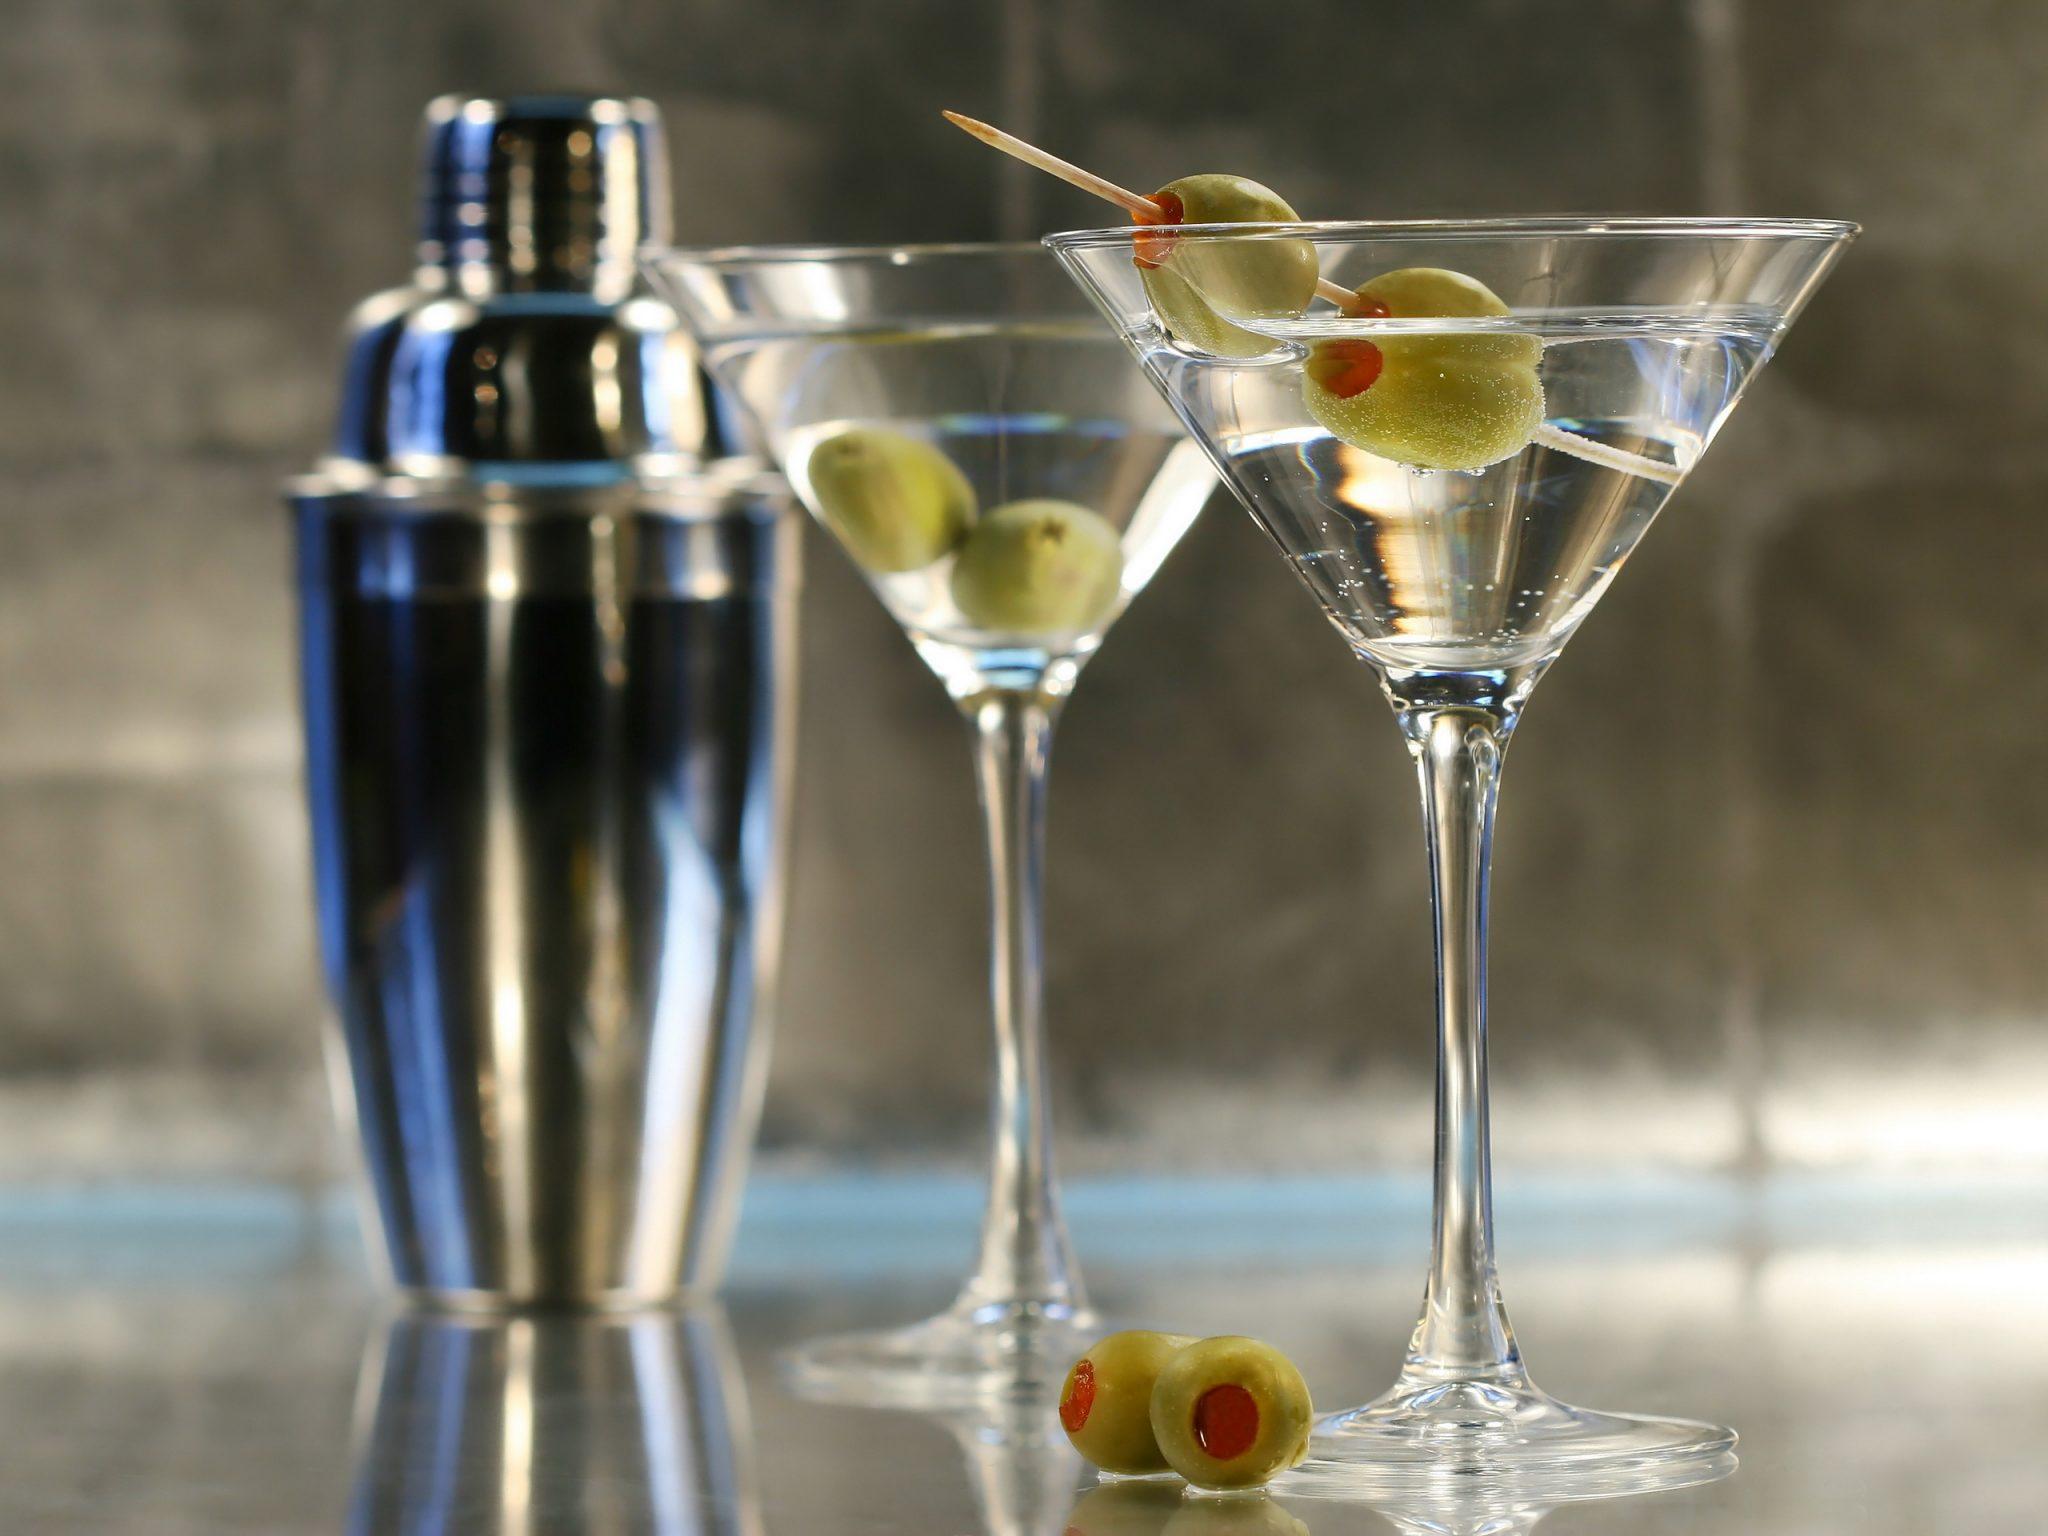 красивые картинки с бокалами мартини помощью можно расставить